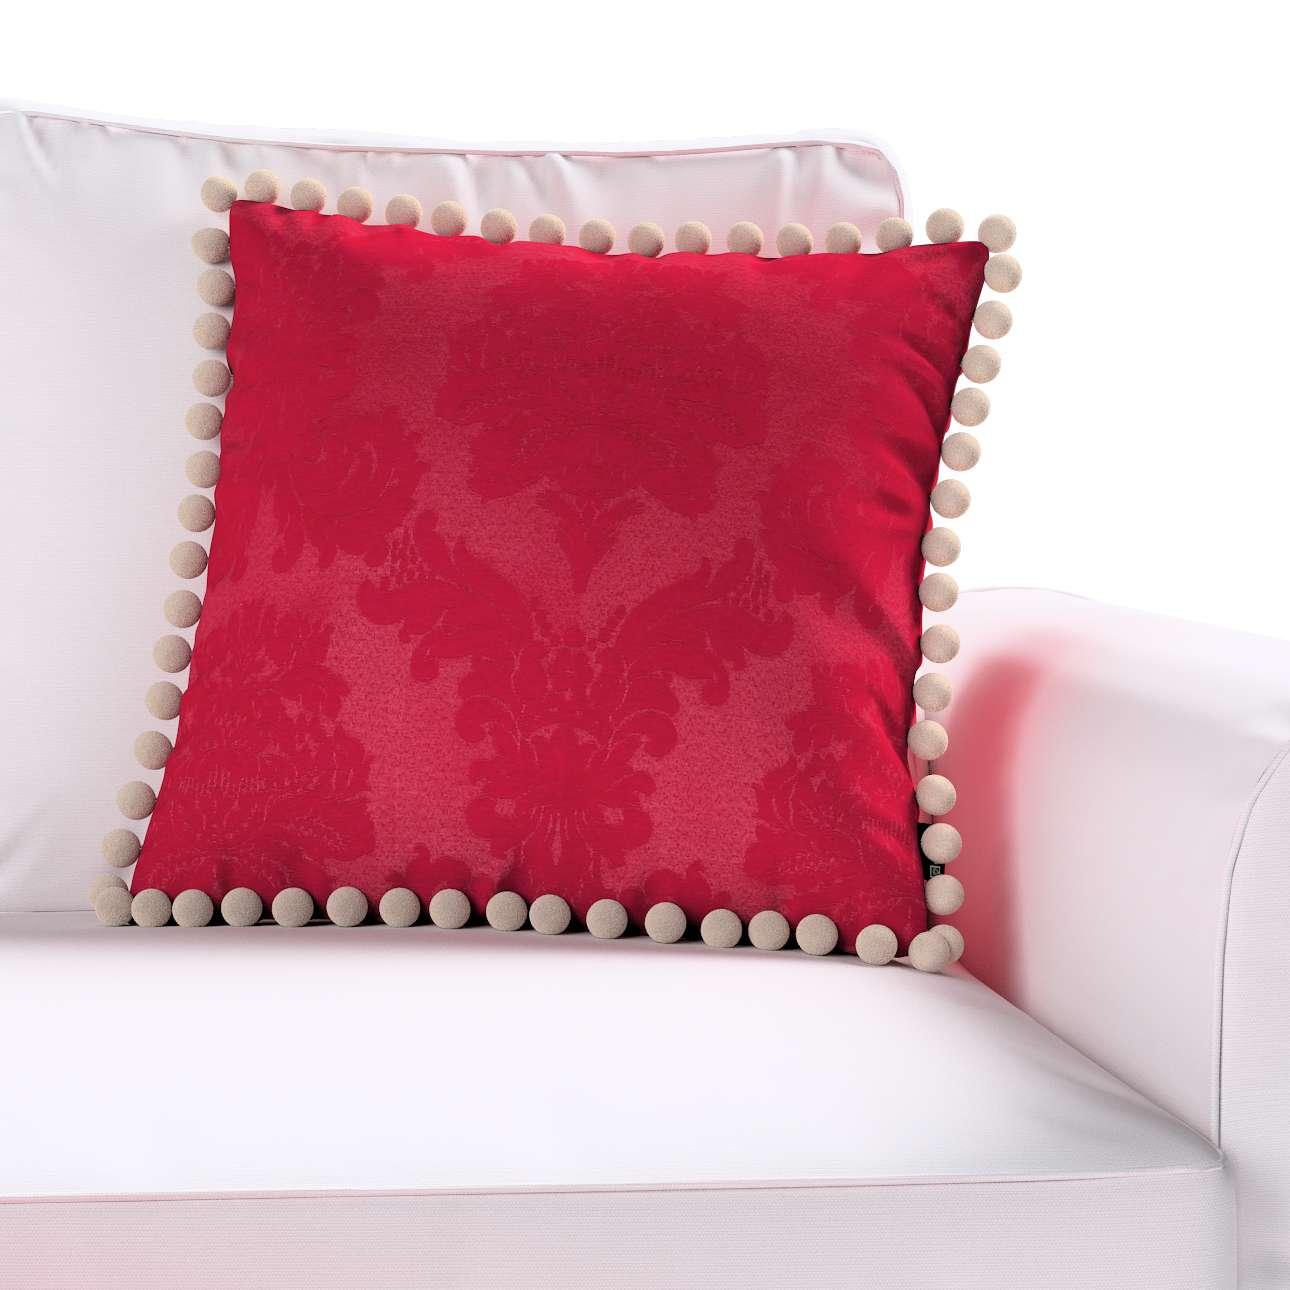 Wera dekoratyvinės pagalvėlės užvalkalas su žaismingais kraštais kolekcijoje Damasco, audinys: 613-13